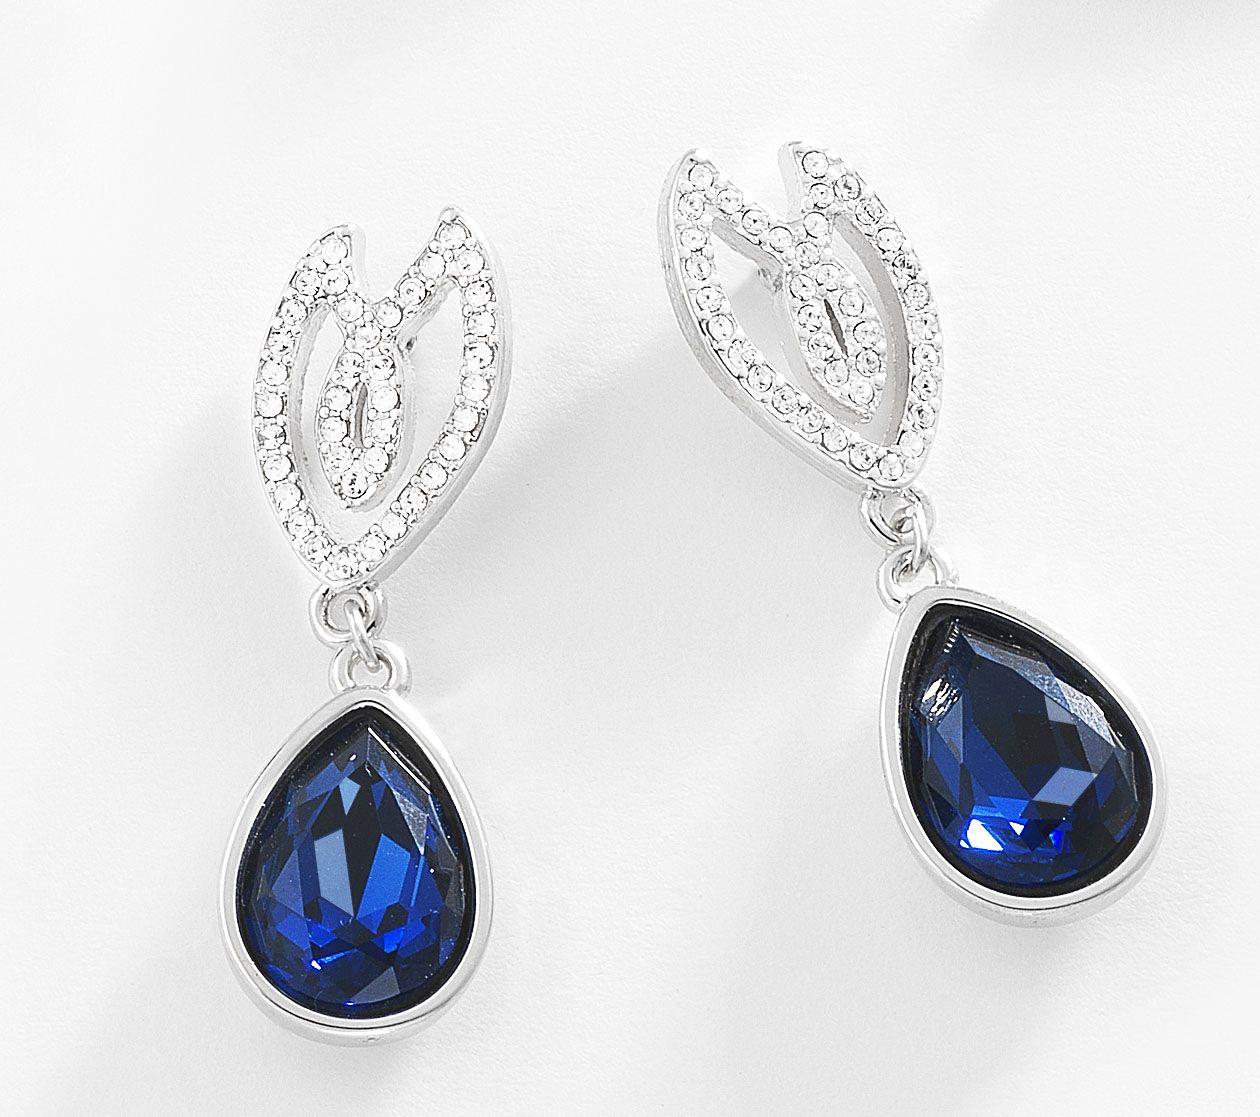 f490a8866a58 Hermosos pendientes de rodio con piedra de cristal azul topacio ...